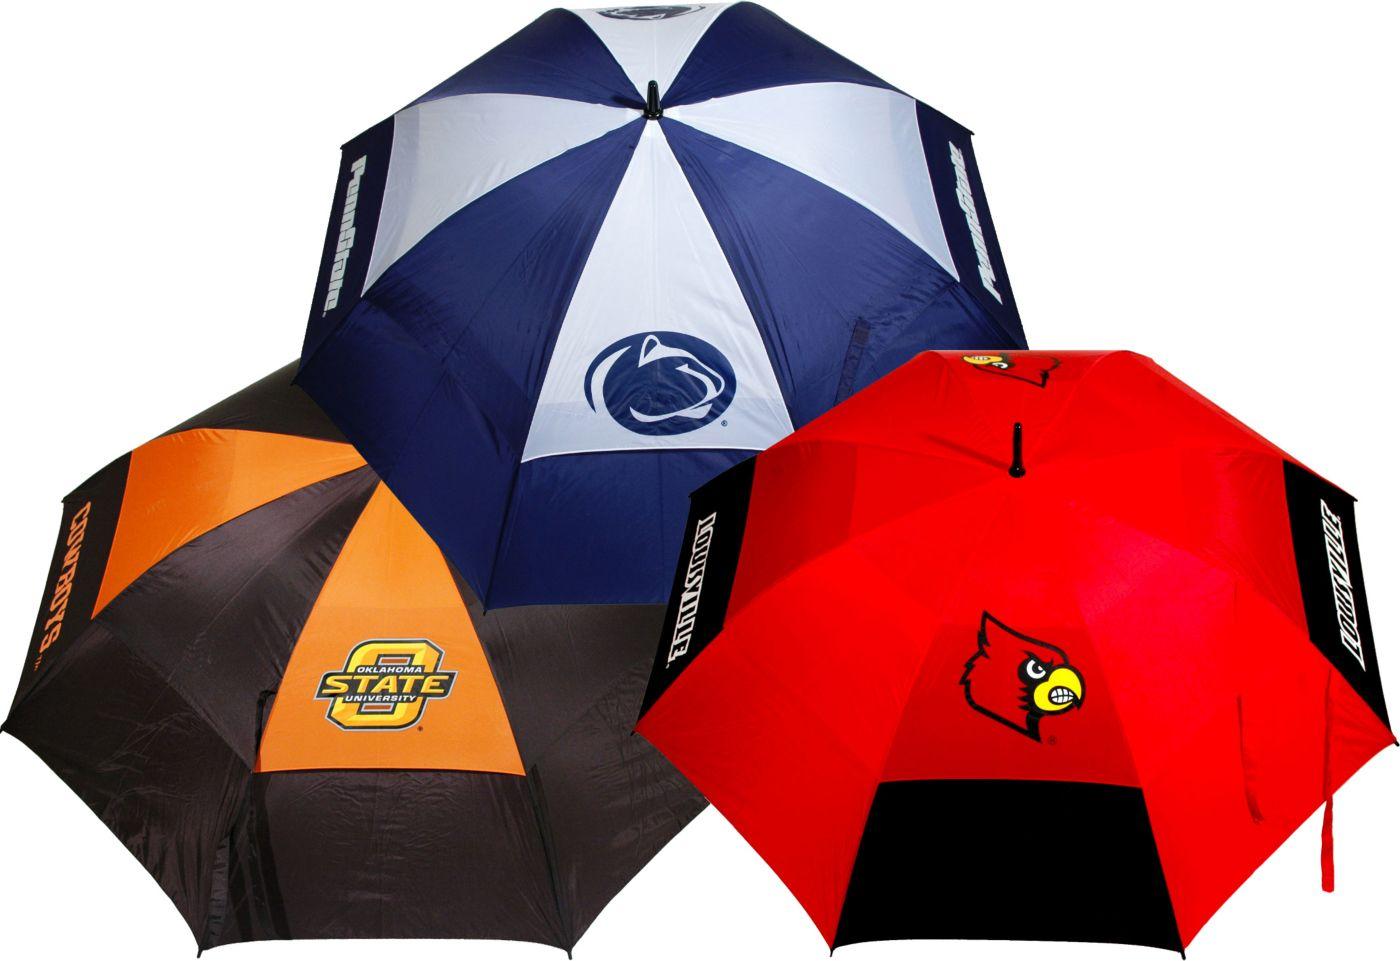 Team Golf Umbrella